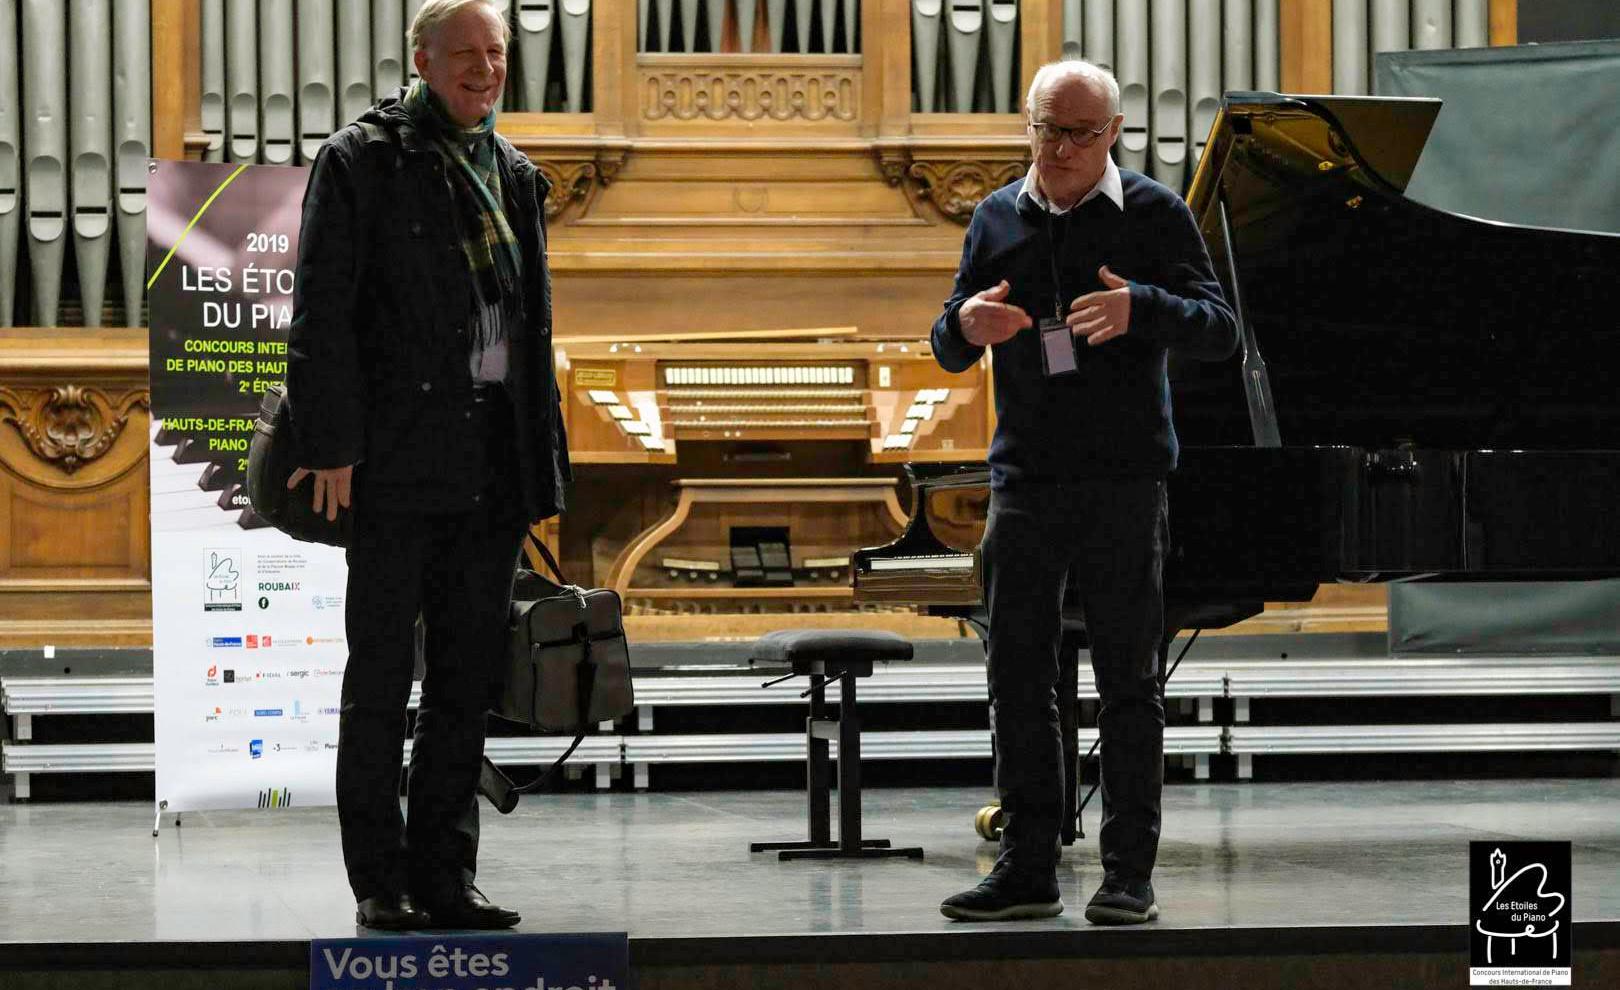 Gustav Alink Co-fondateur de la fondation Alink-Argherich, dont est membre Les Etoiles du Piano, nous a fait le plaisir d'assister à des auditions du Concours. Patrick Bougamont, Président des Etoiles, le présente sur scène